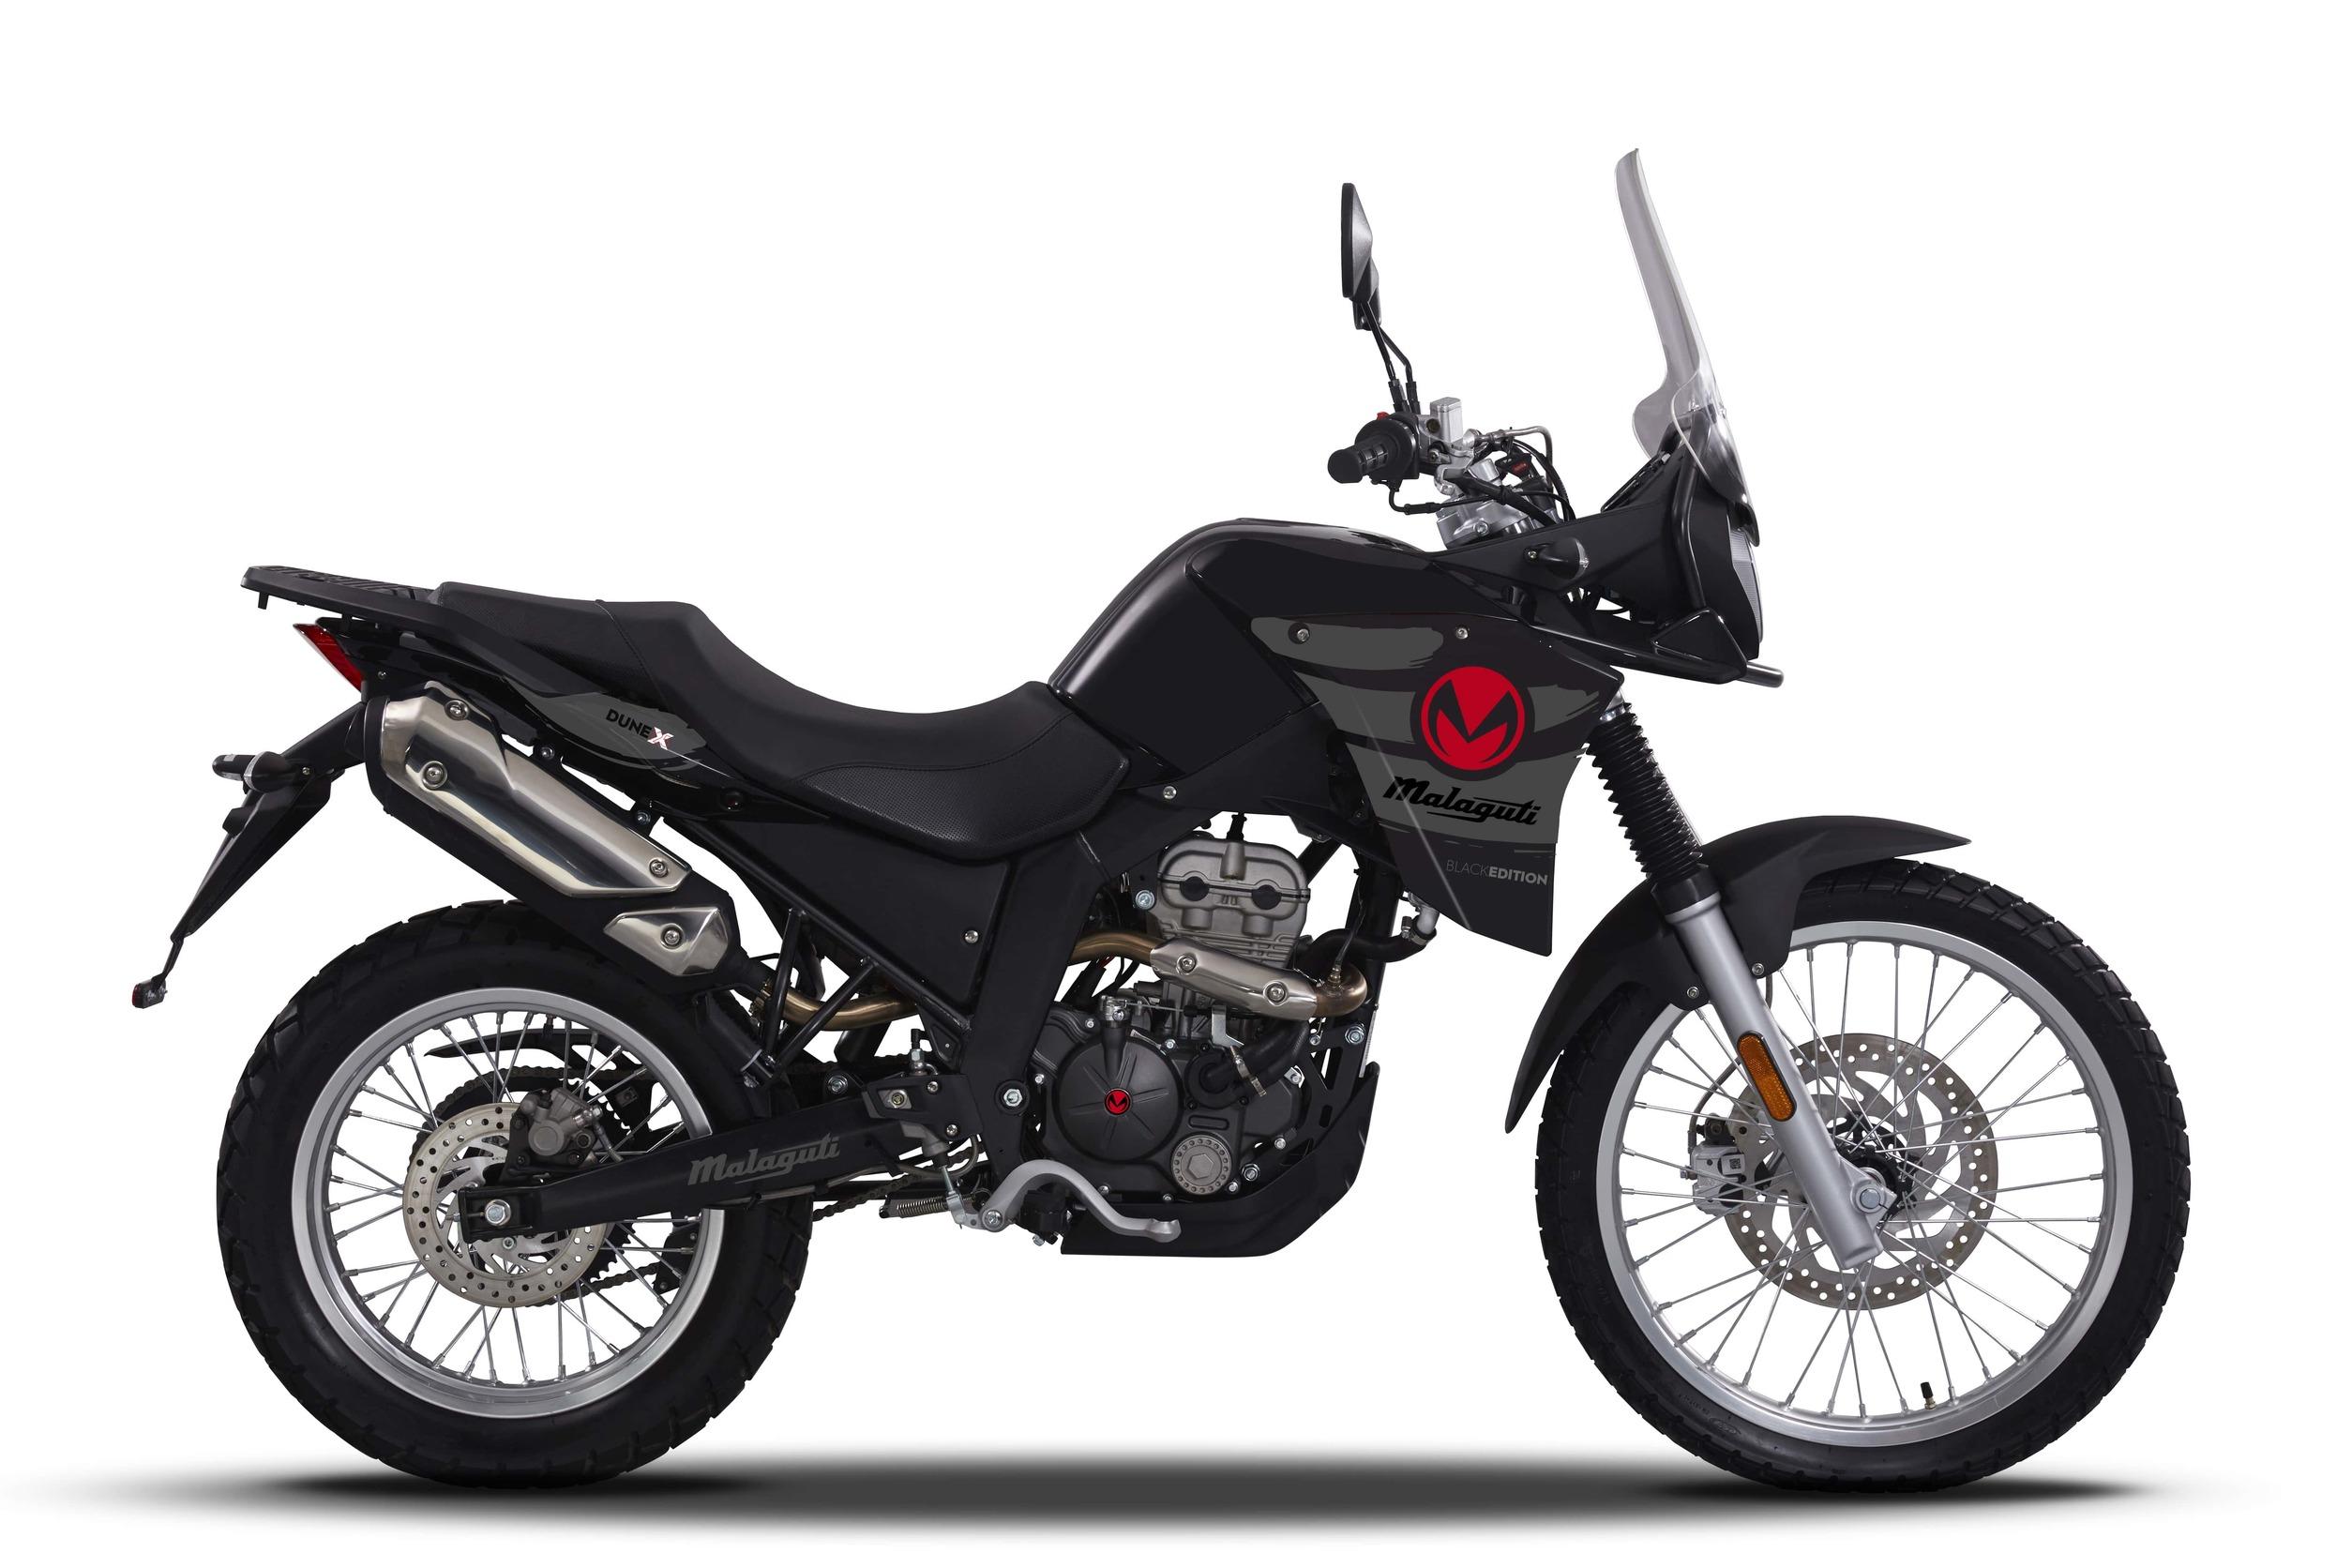 Malaguti Dune X 125 Black Edition